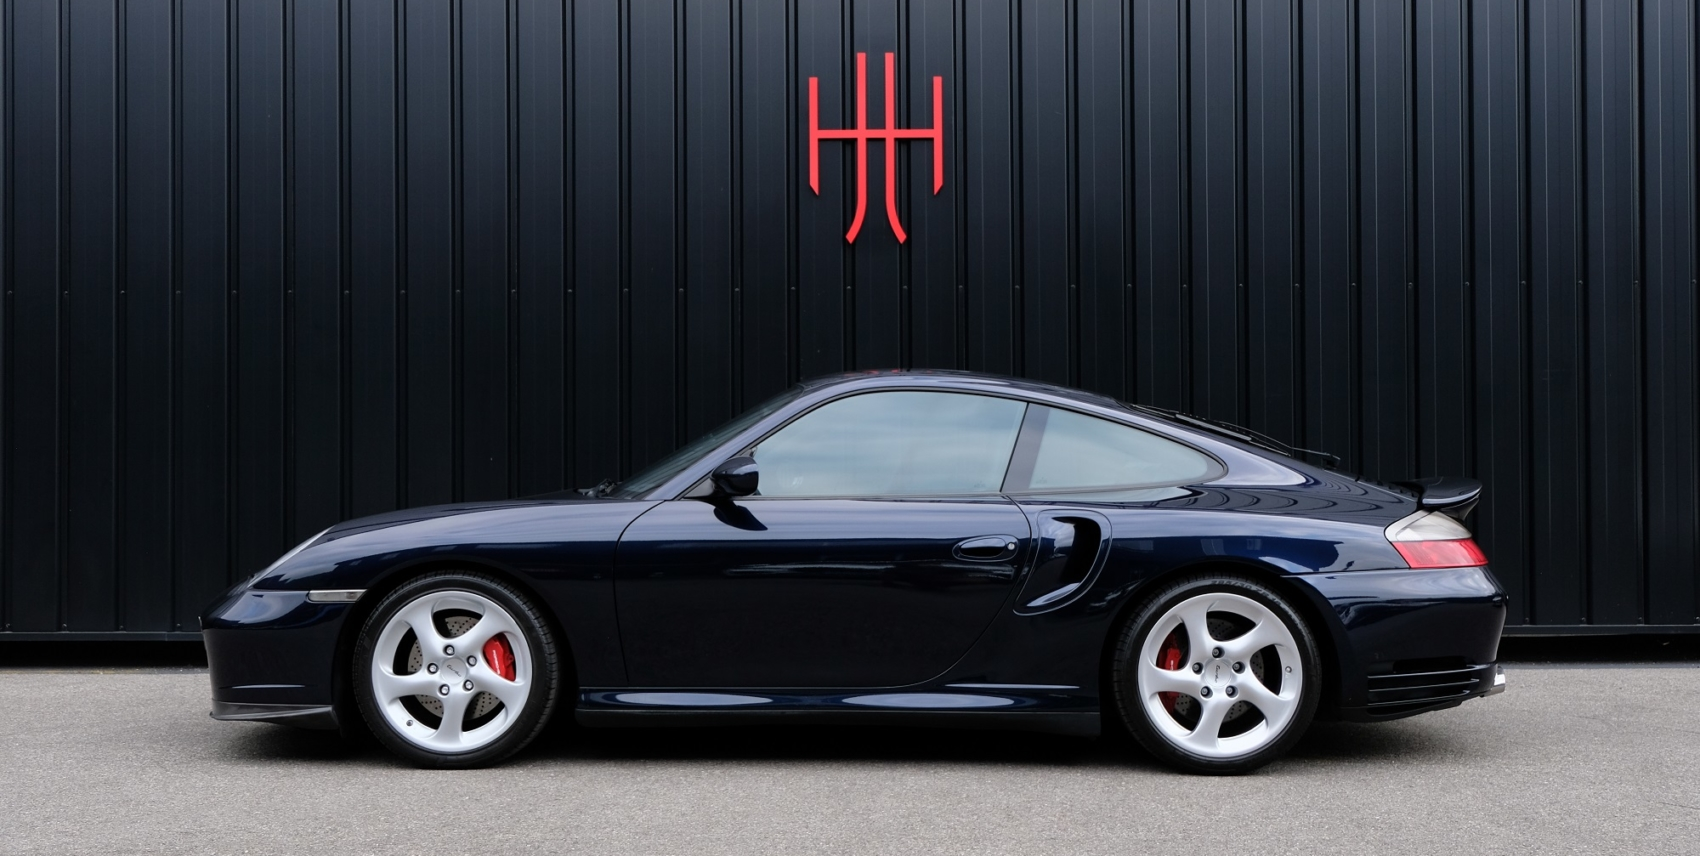 PORSCHE 911 TYPE 996 TURBO BVM6